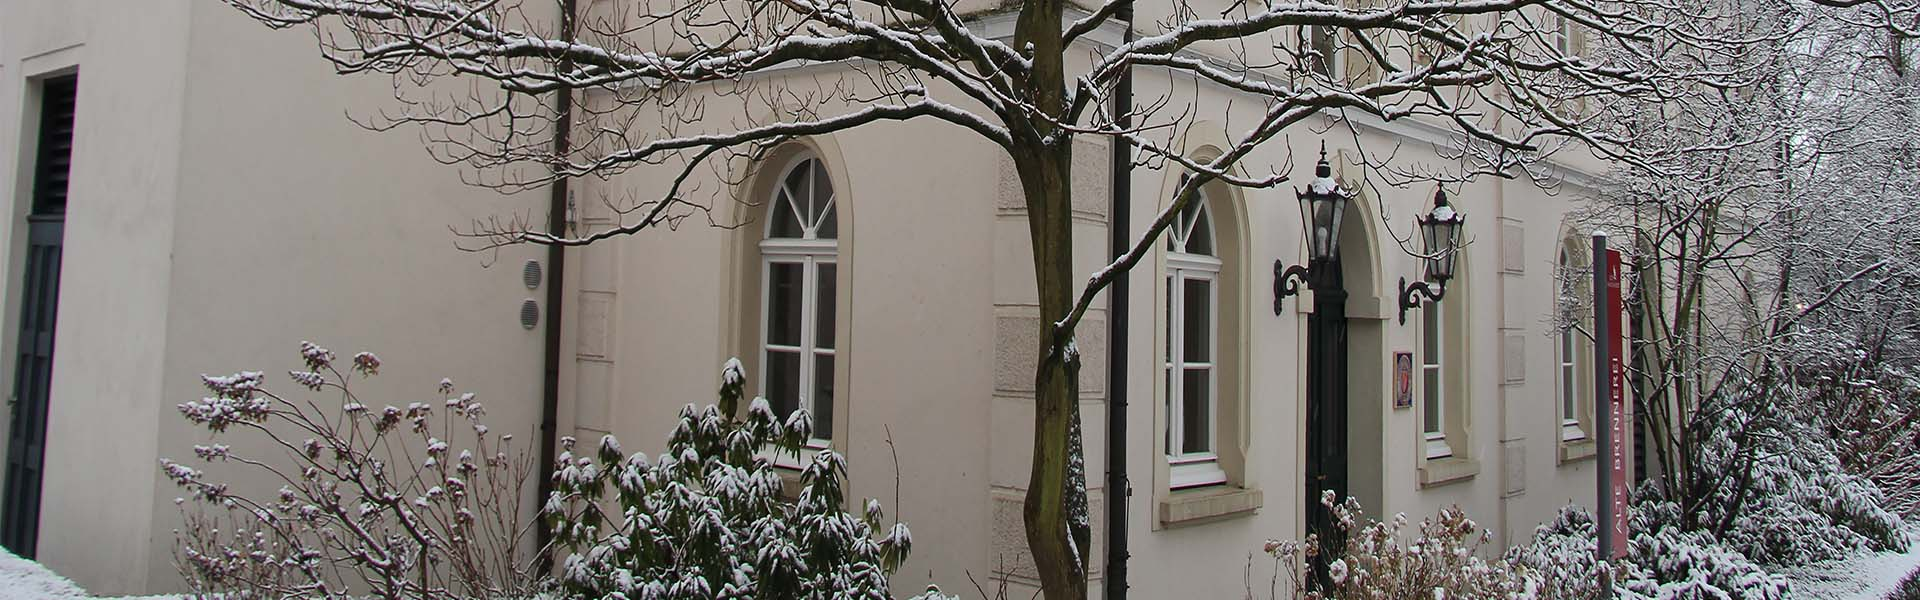 Winterakademie 2019